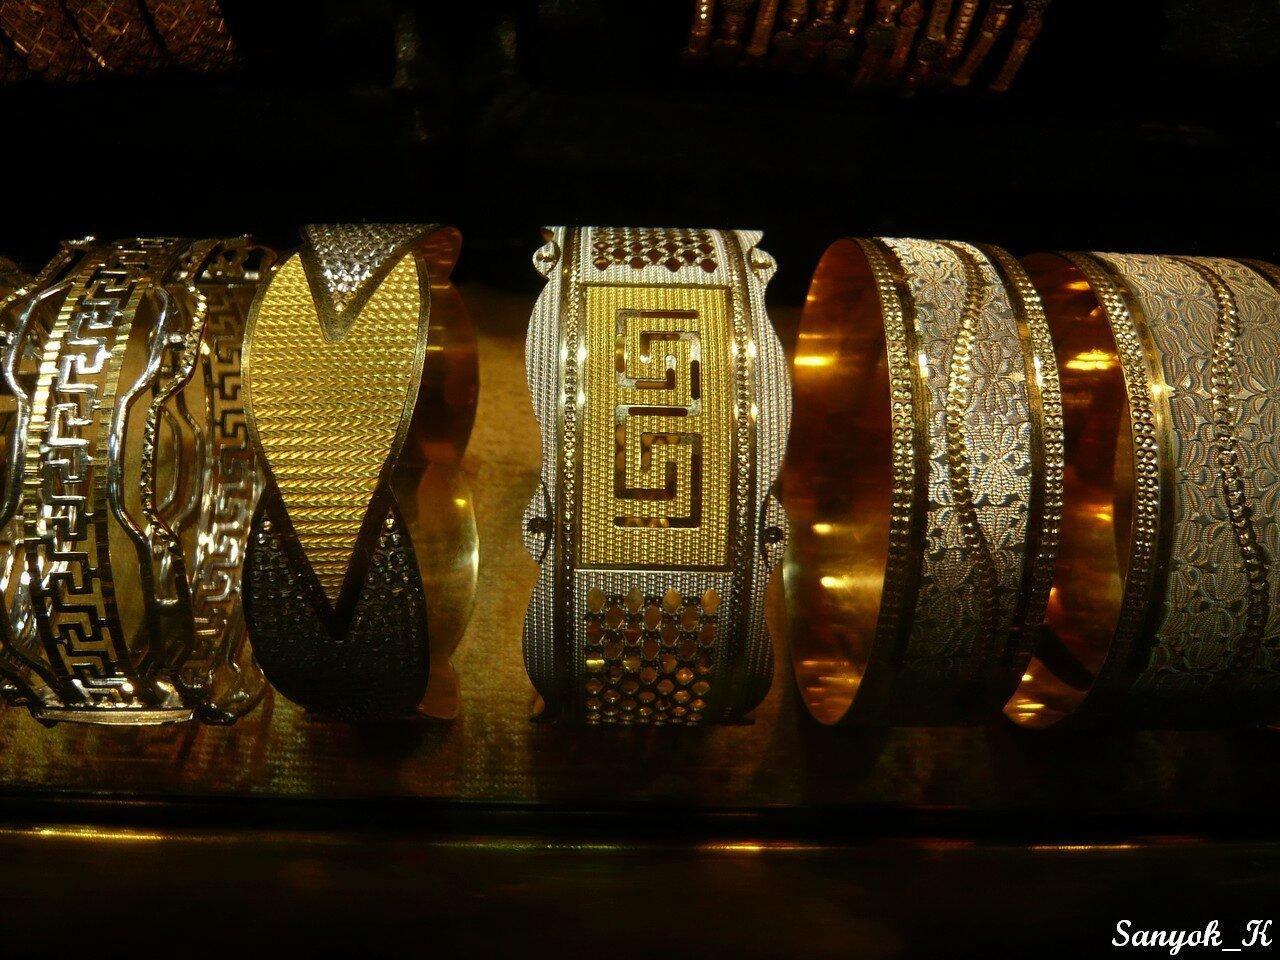 армянское золото картинки эти существа имеют